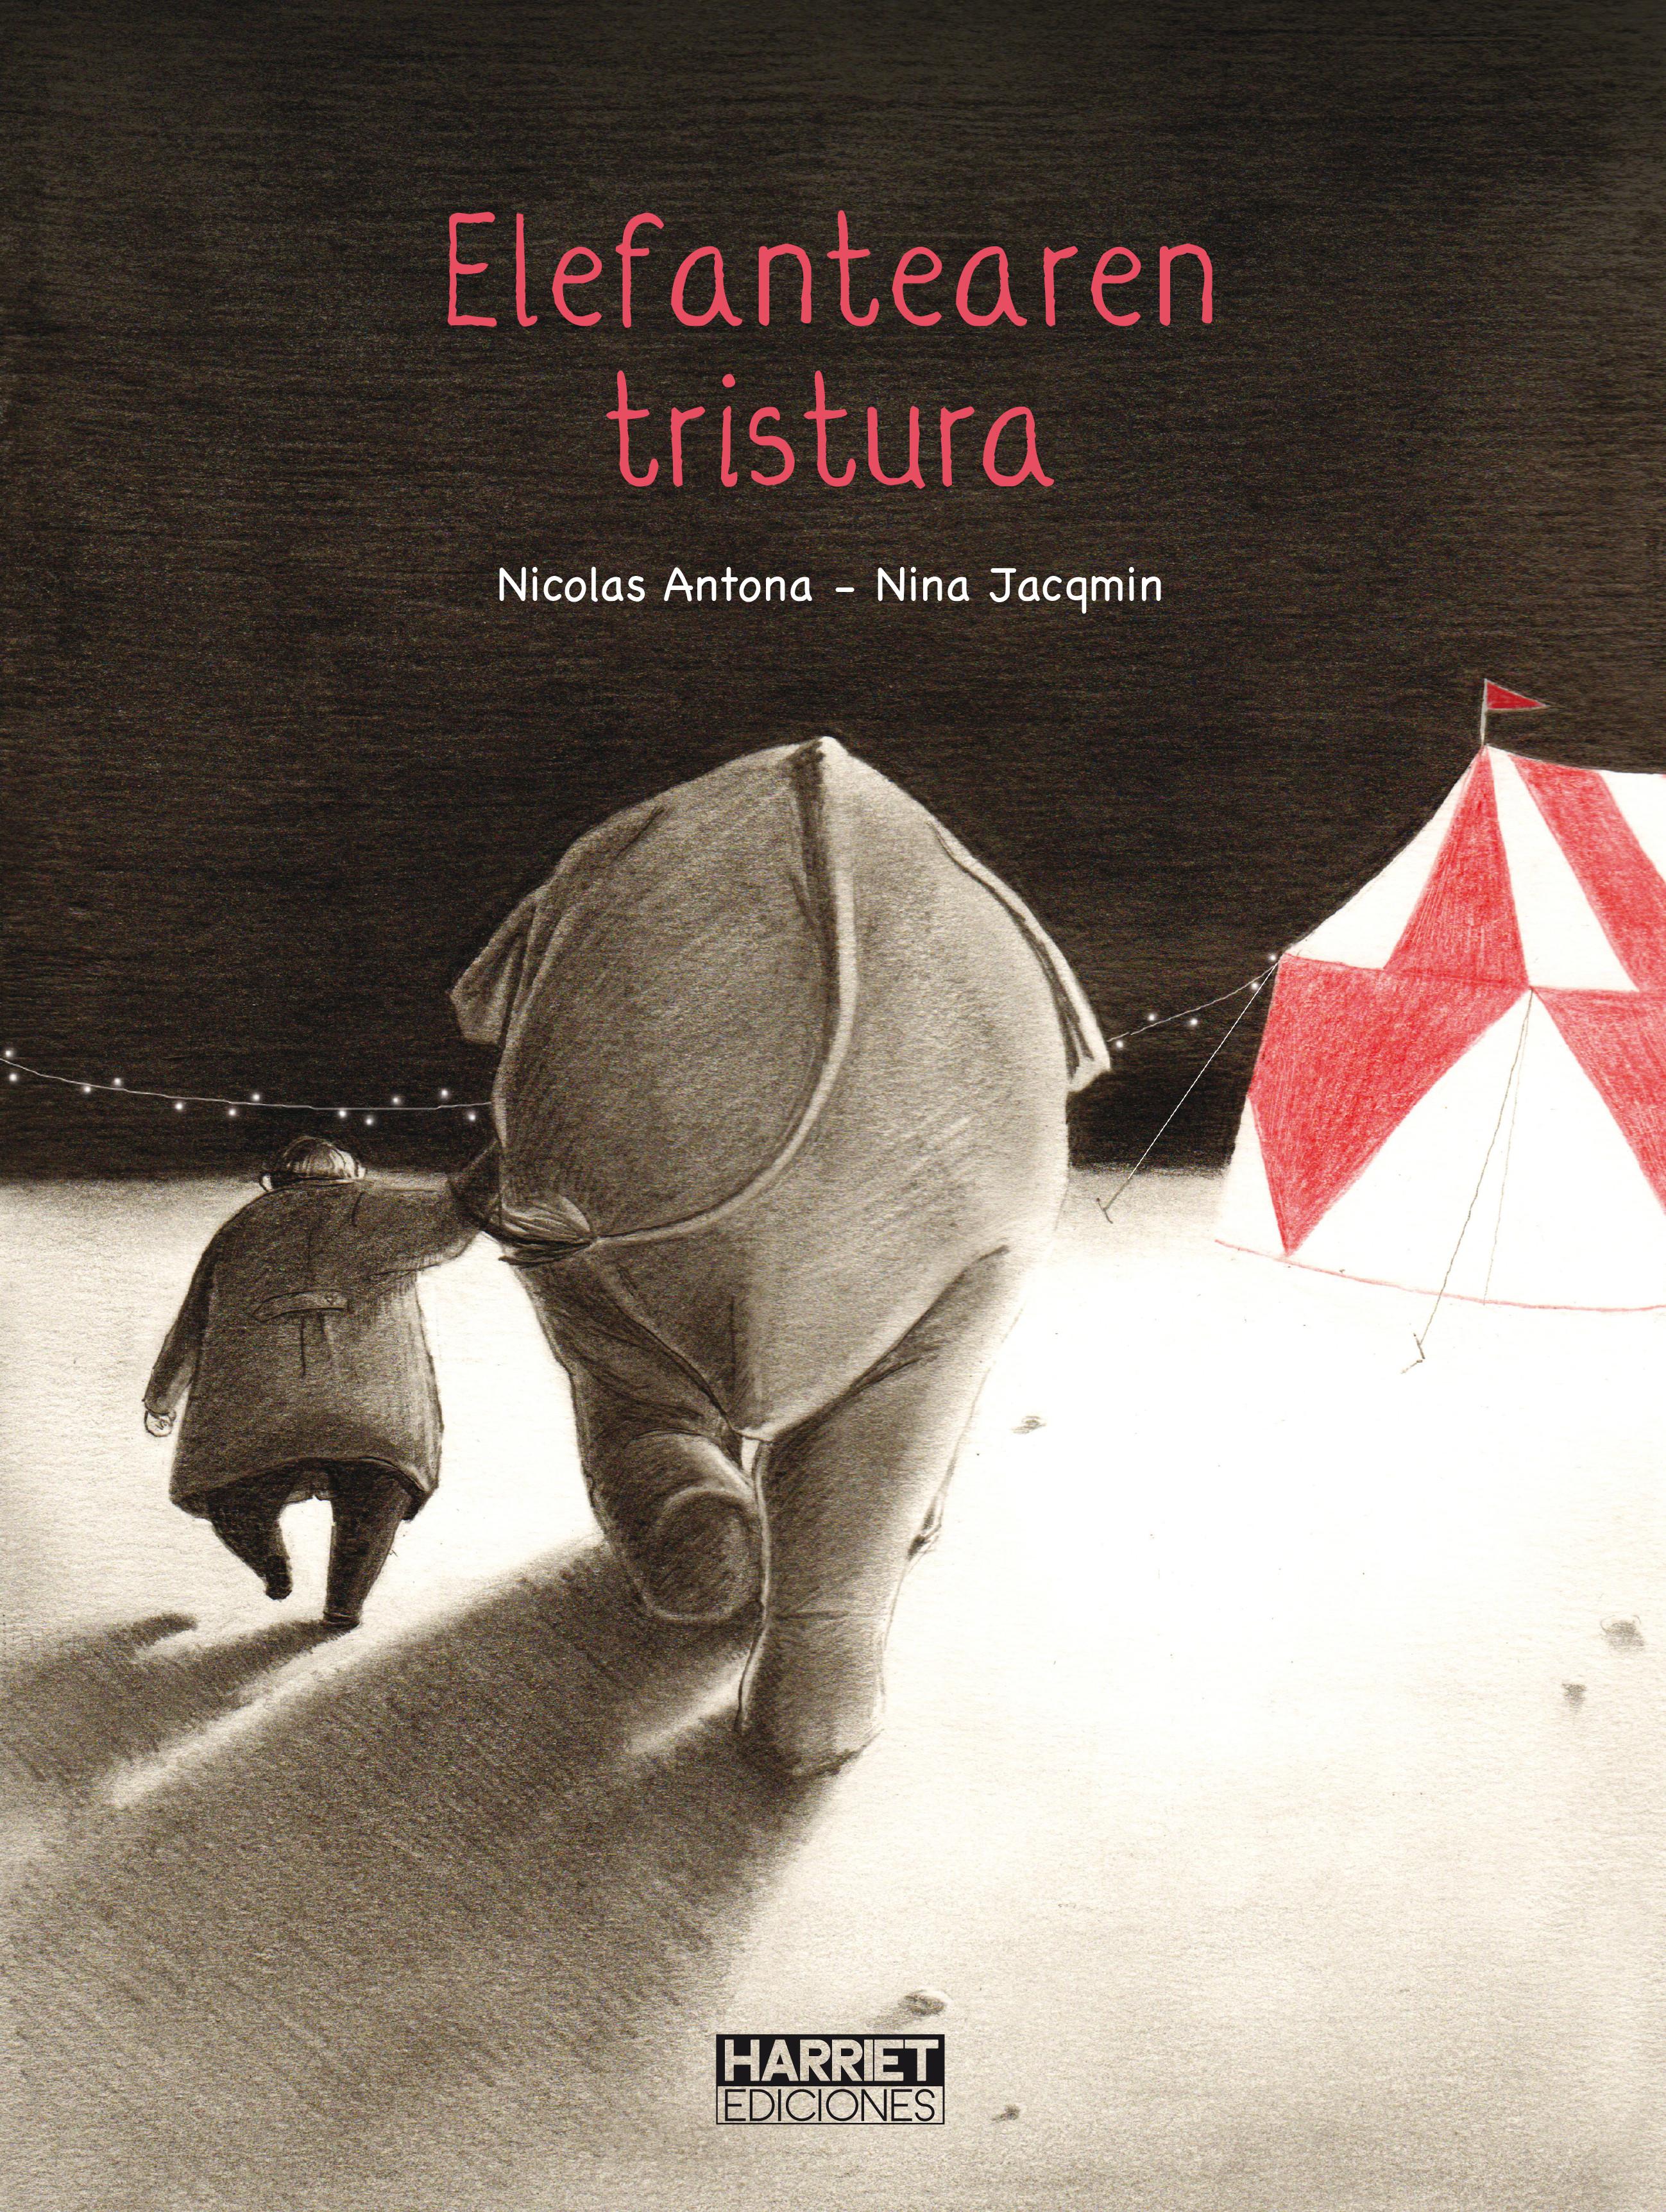 """Harriet argitaletxeak """"Elefantearen tristura"""" euskaratu du"""